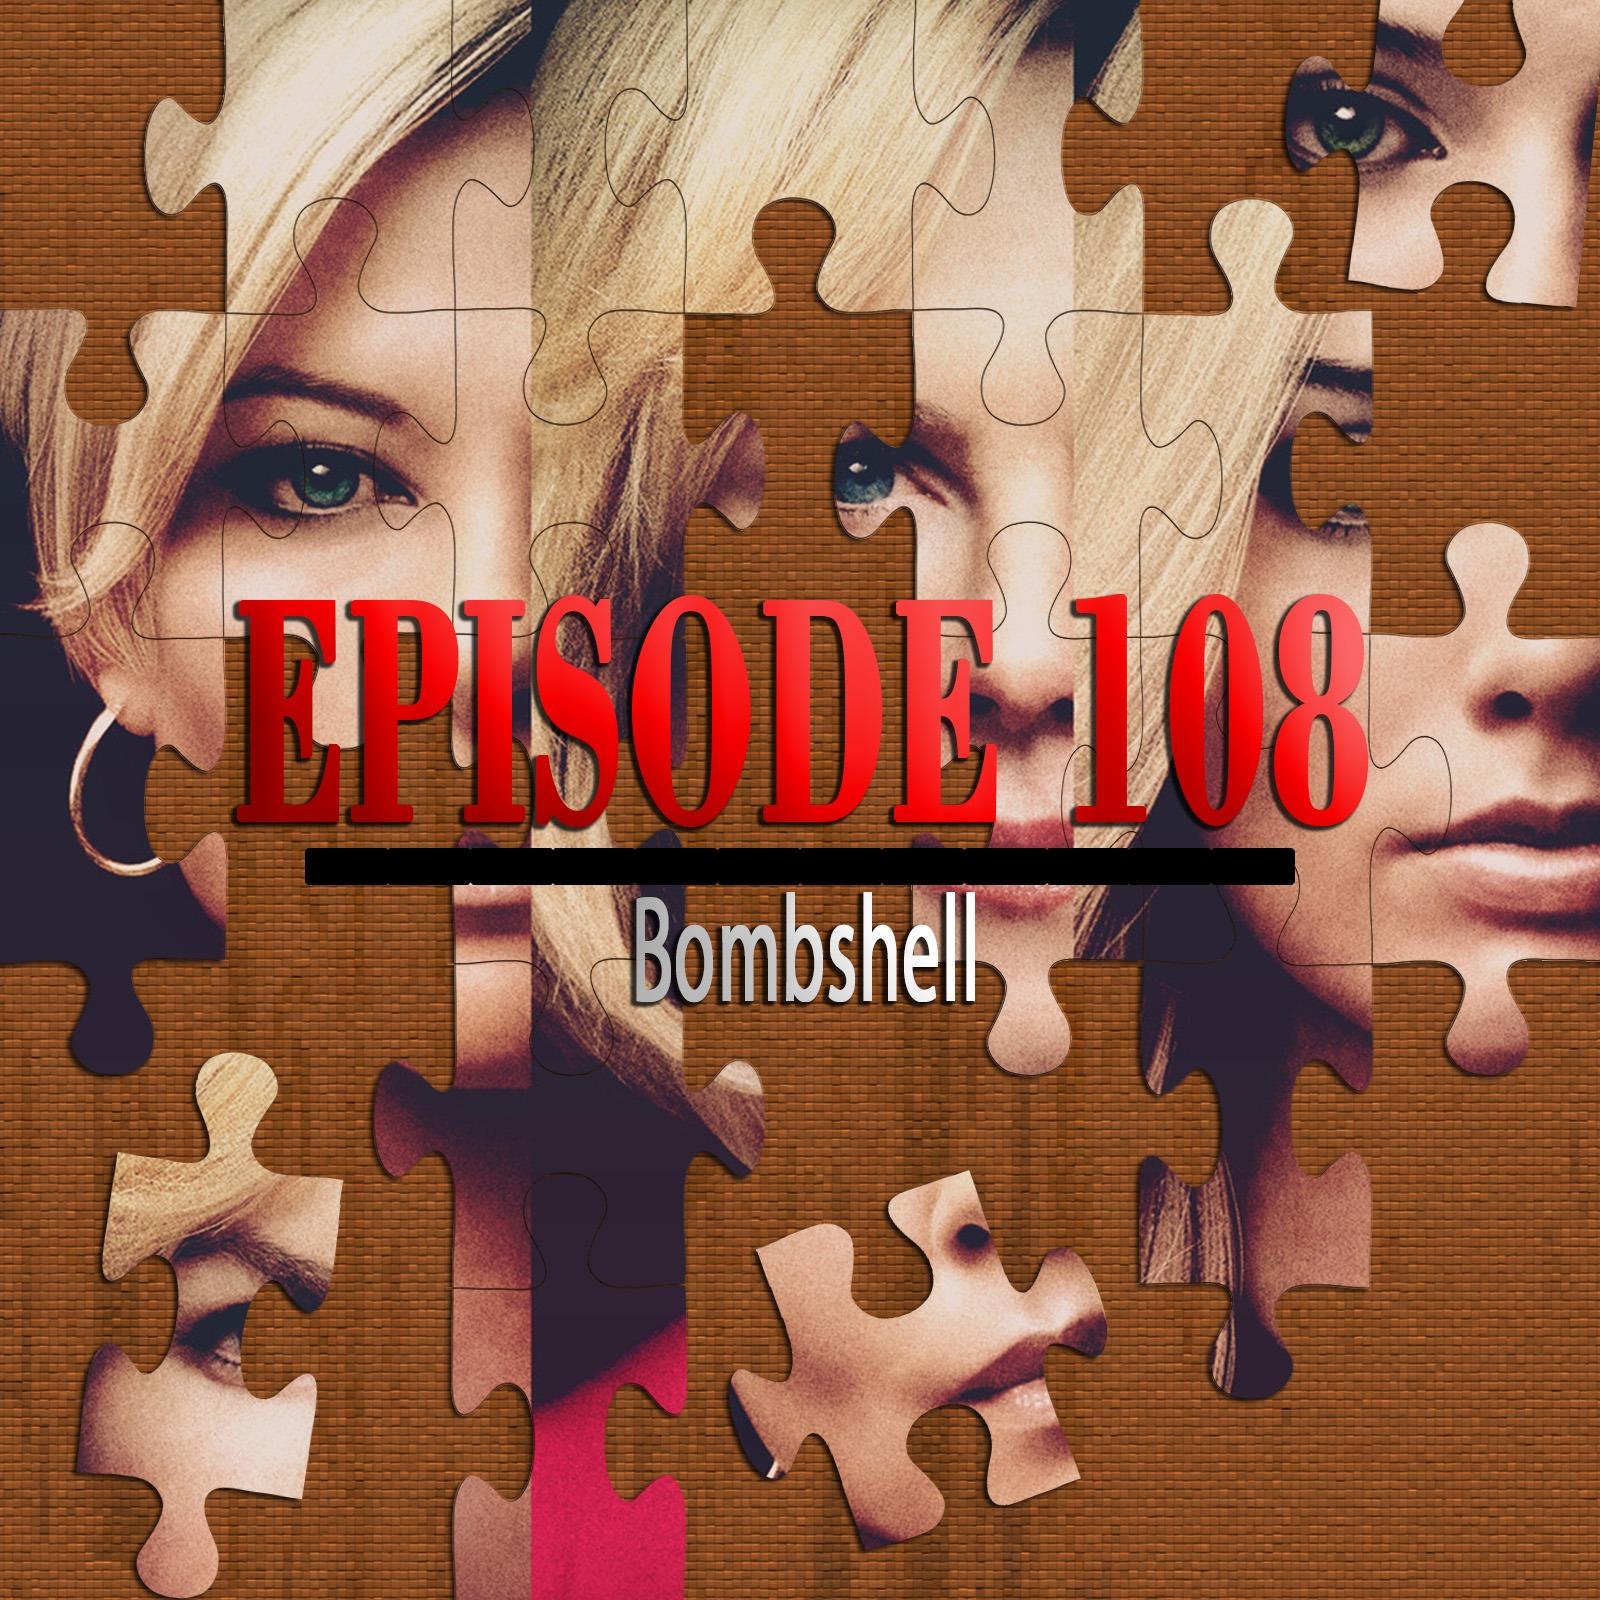 Bombshell (Featuring Heidi Kyser)